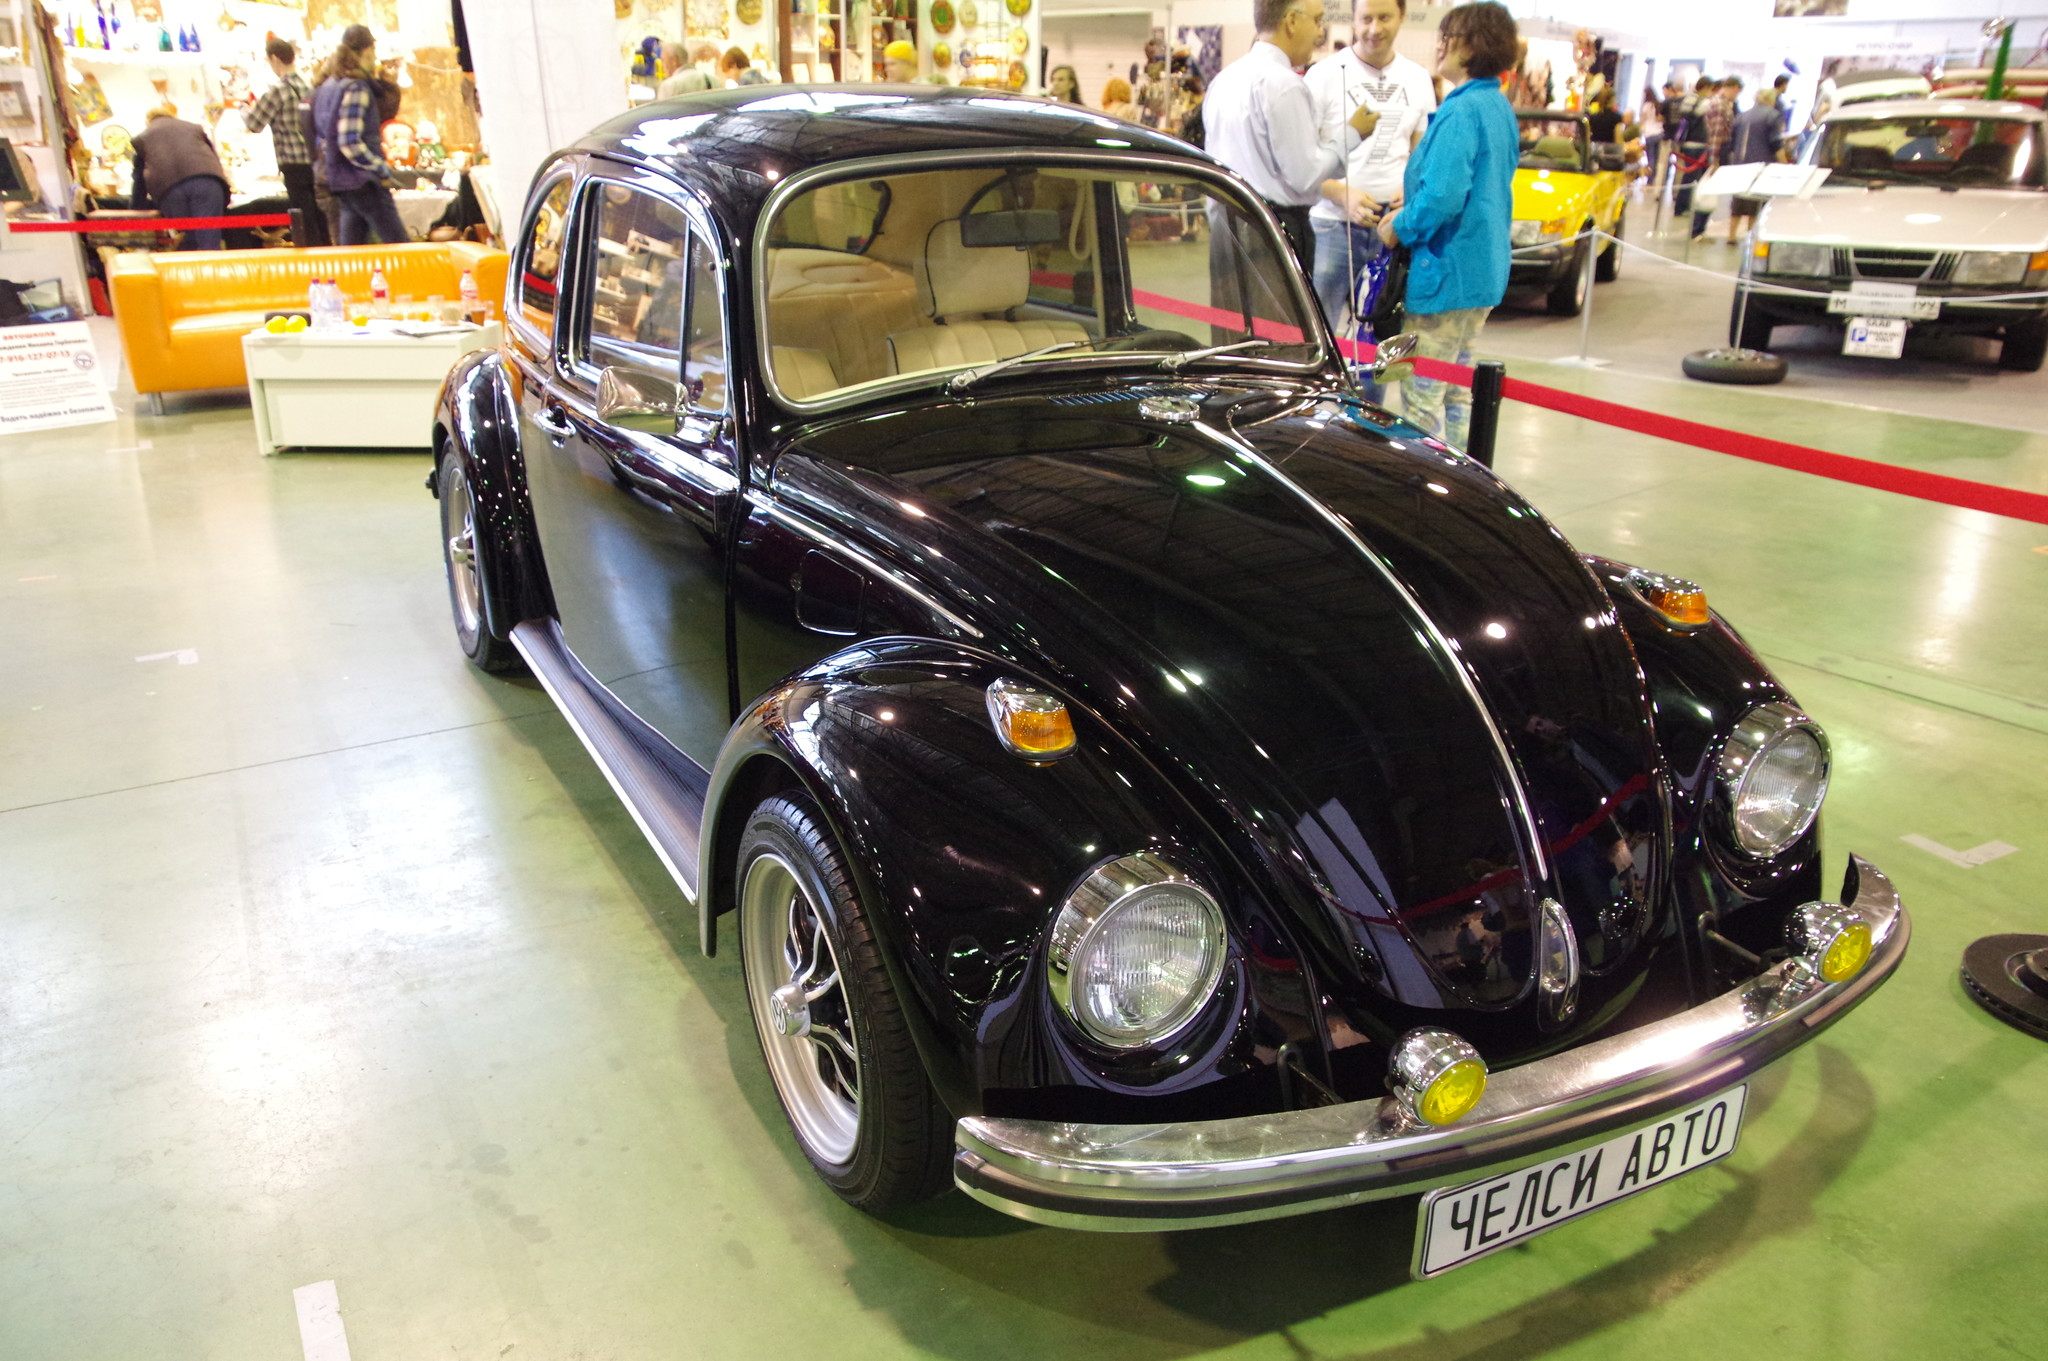 Легковой автомобиль Volkswagen Käfer ([ˈkɛːfɐ]; Käfer в переводе с нем. - «Жук»). Модель 1303 Limousine